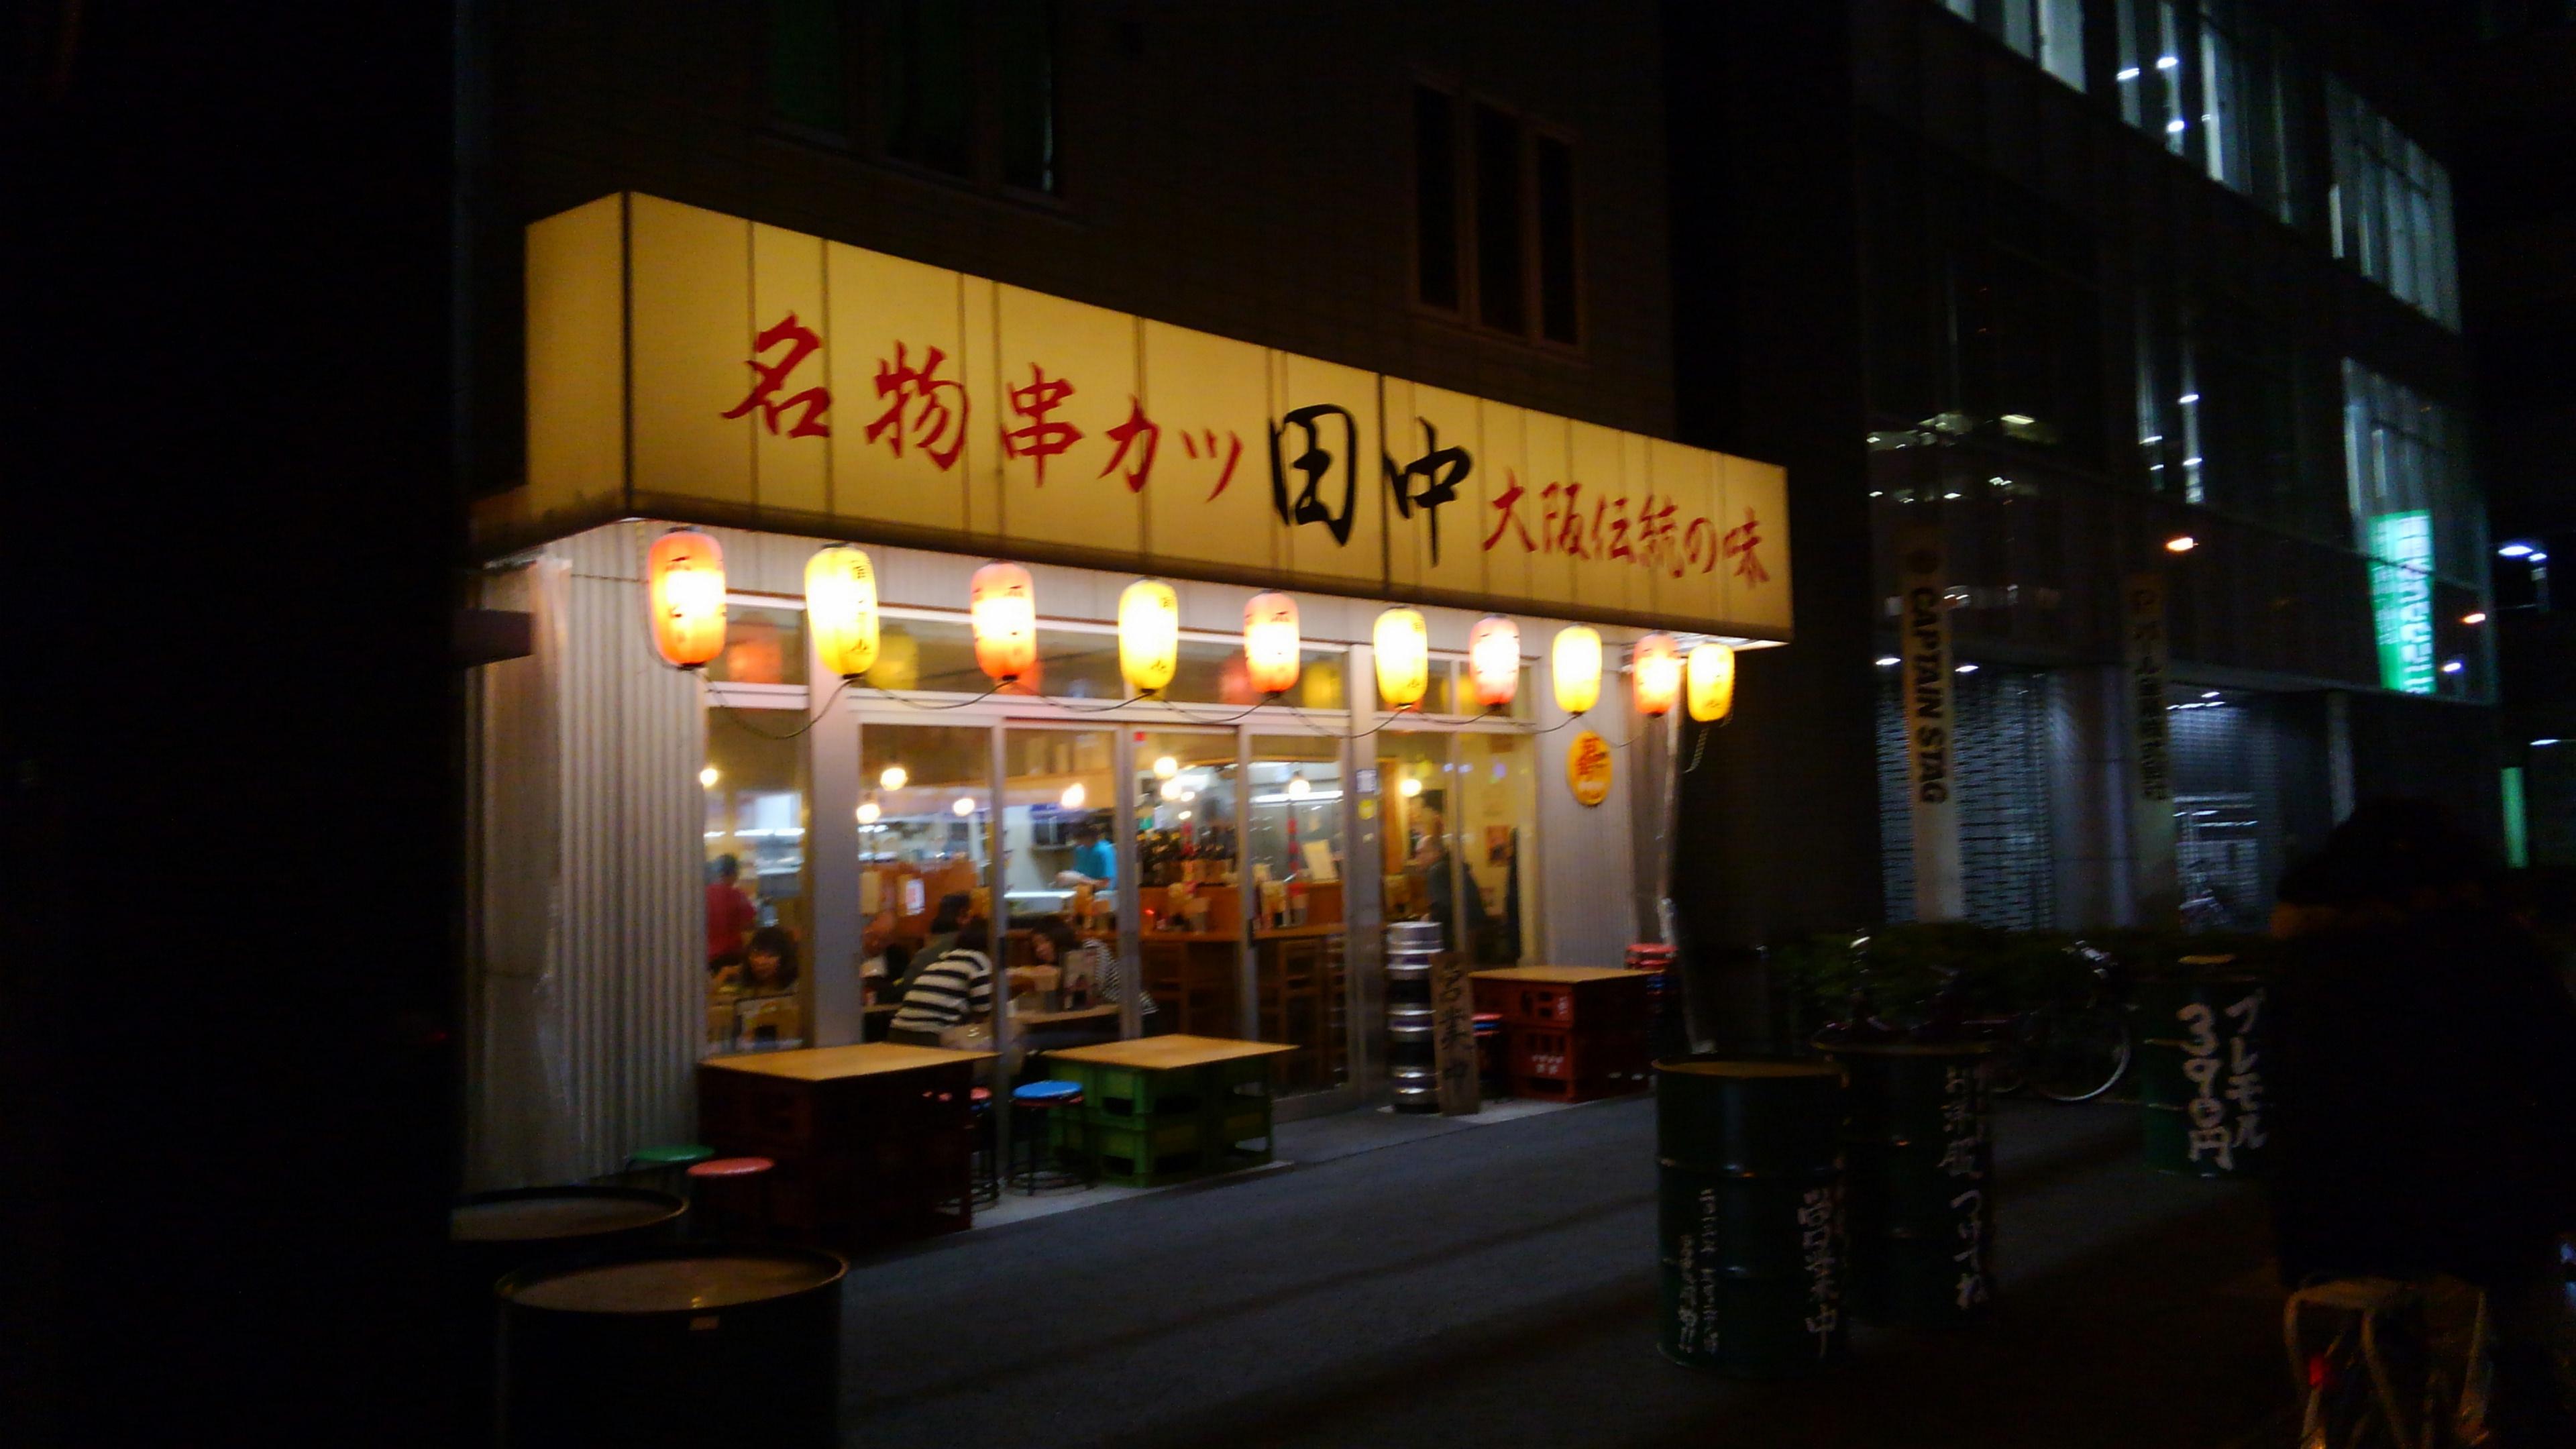 串カツ田中(両国) 串は肉だけじゃない。変わりだねが食べてビックリ!